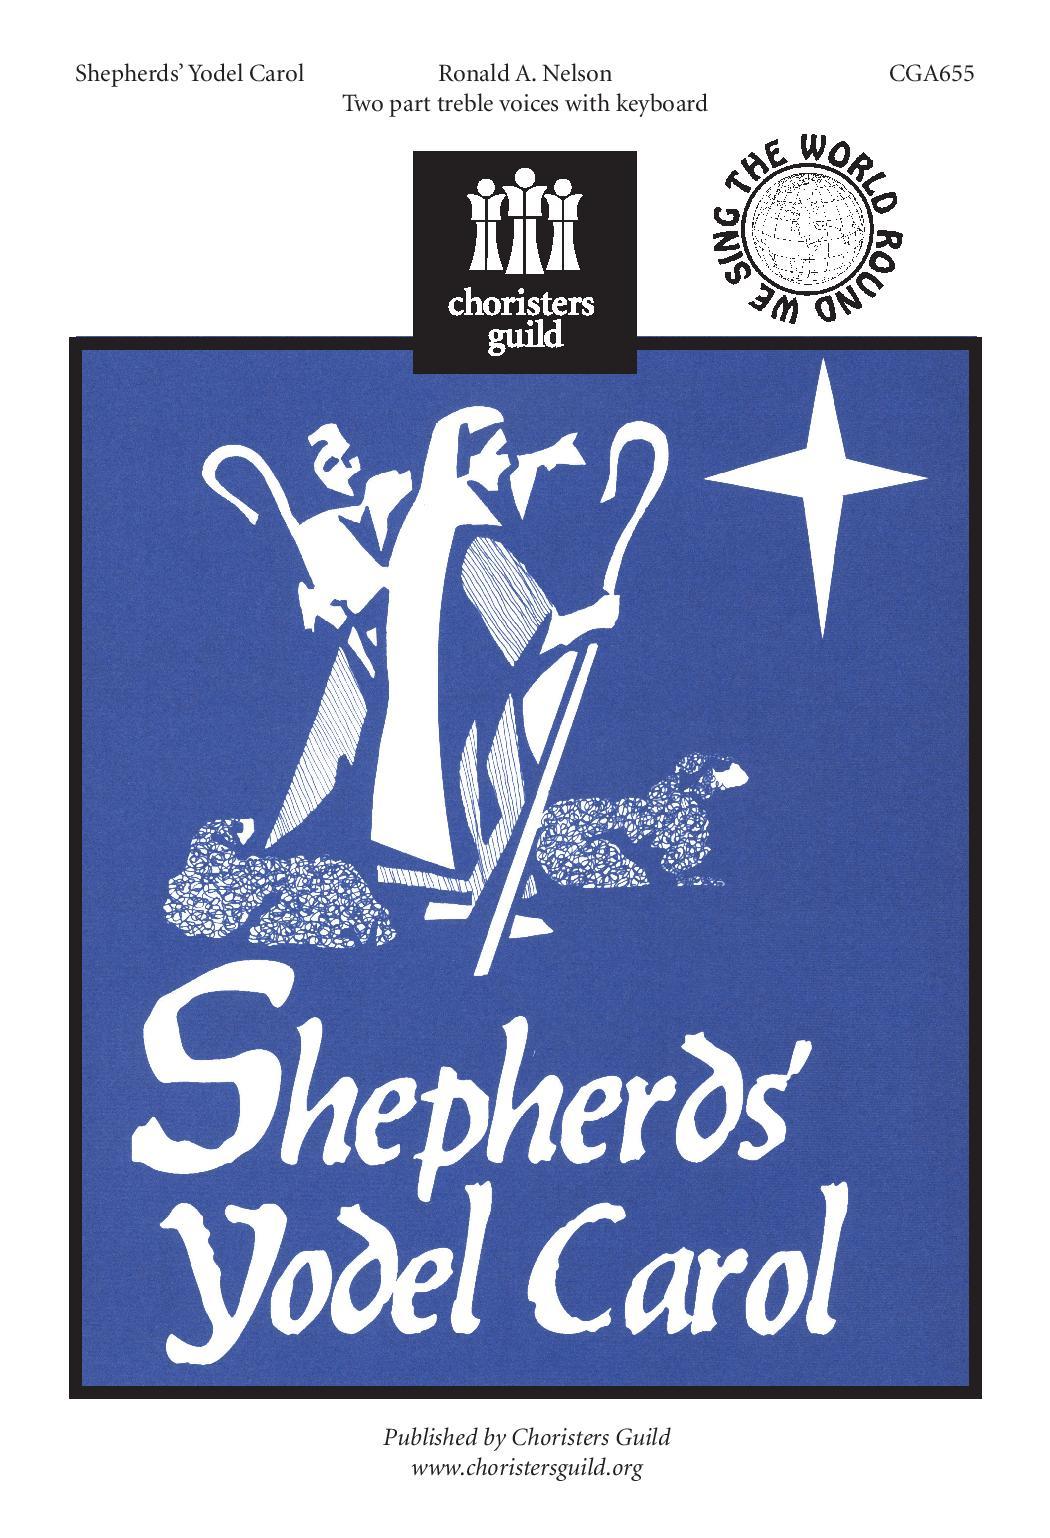 Shepherds' Yodel Carol